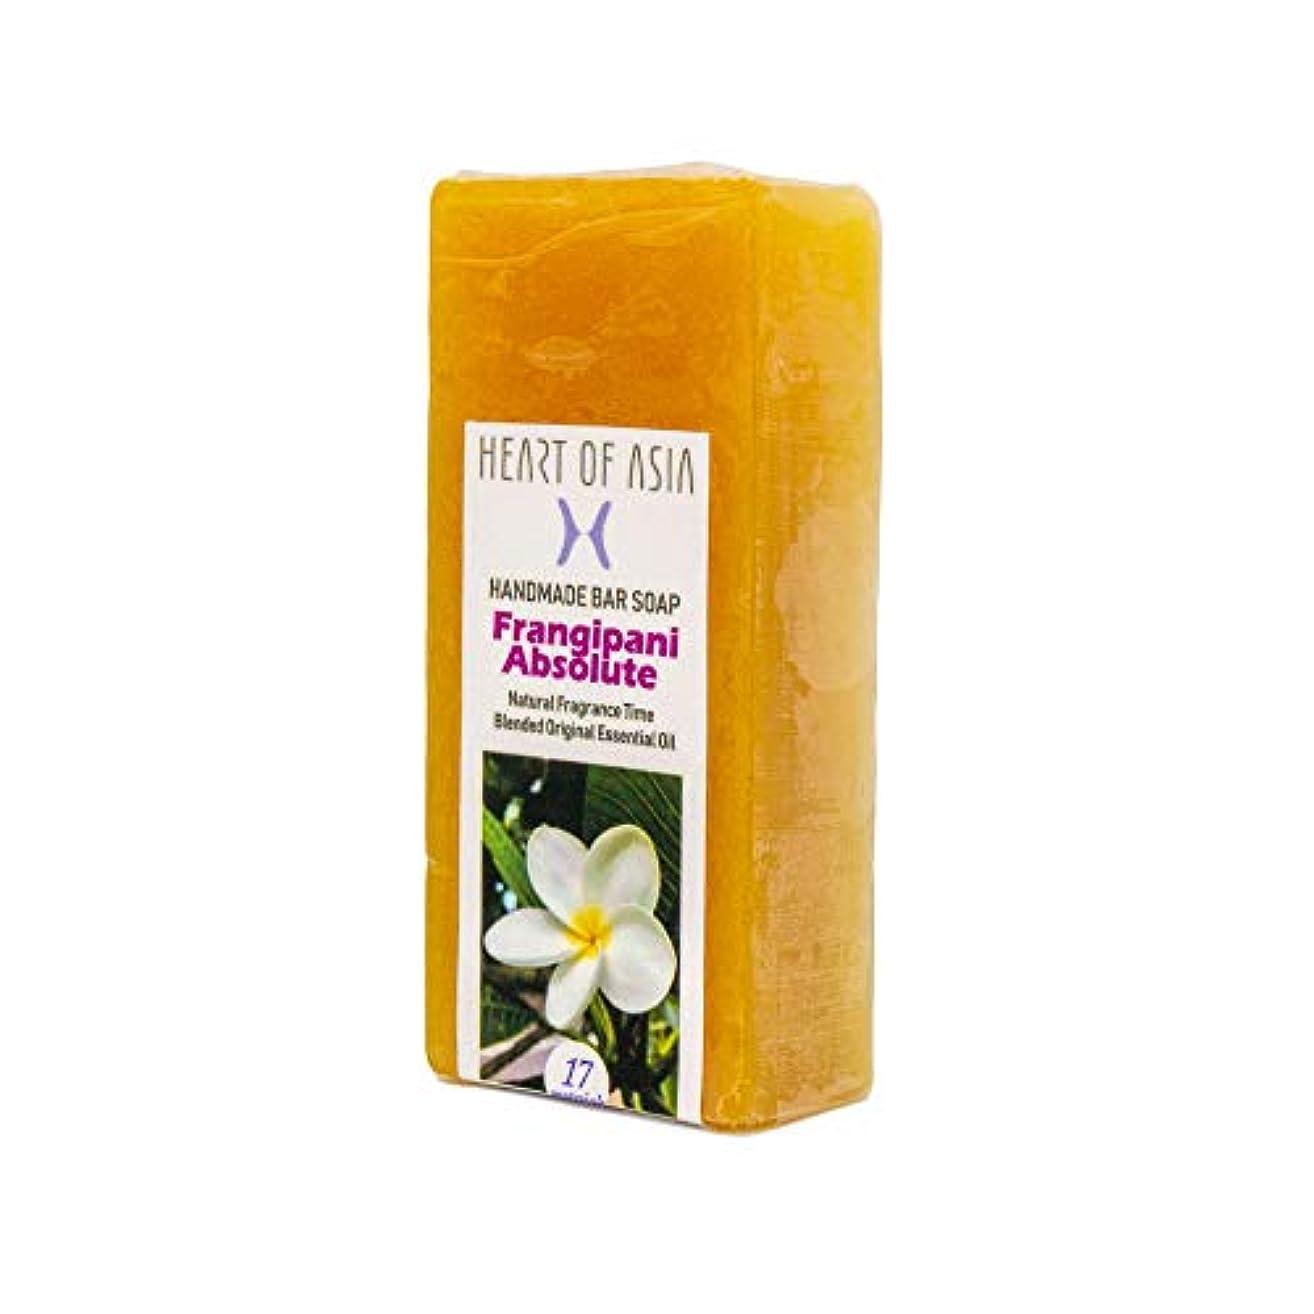 パトワ確立退屈な香水のようなフレグランス石けん HANDMADE BAR SOAP ~Frangipani Absolute~ (単品)